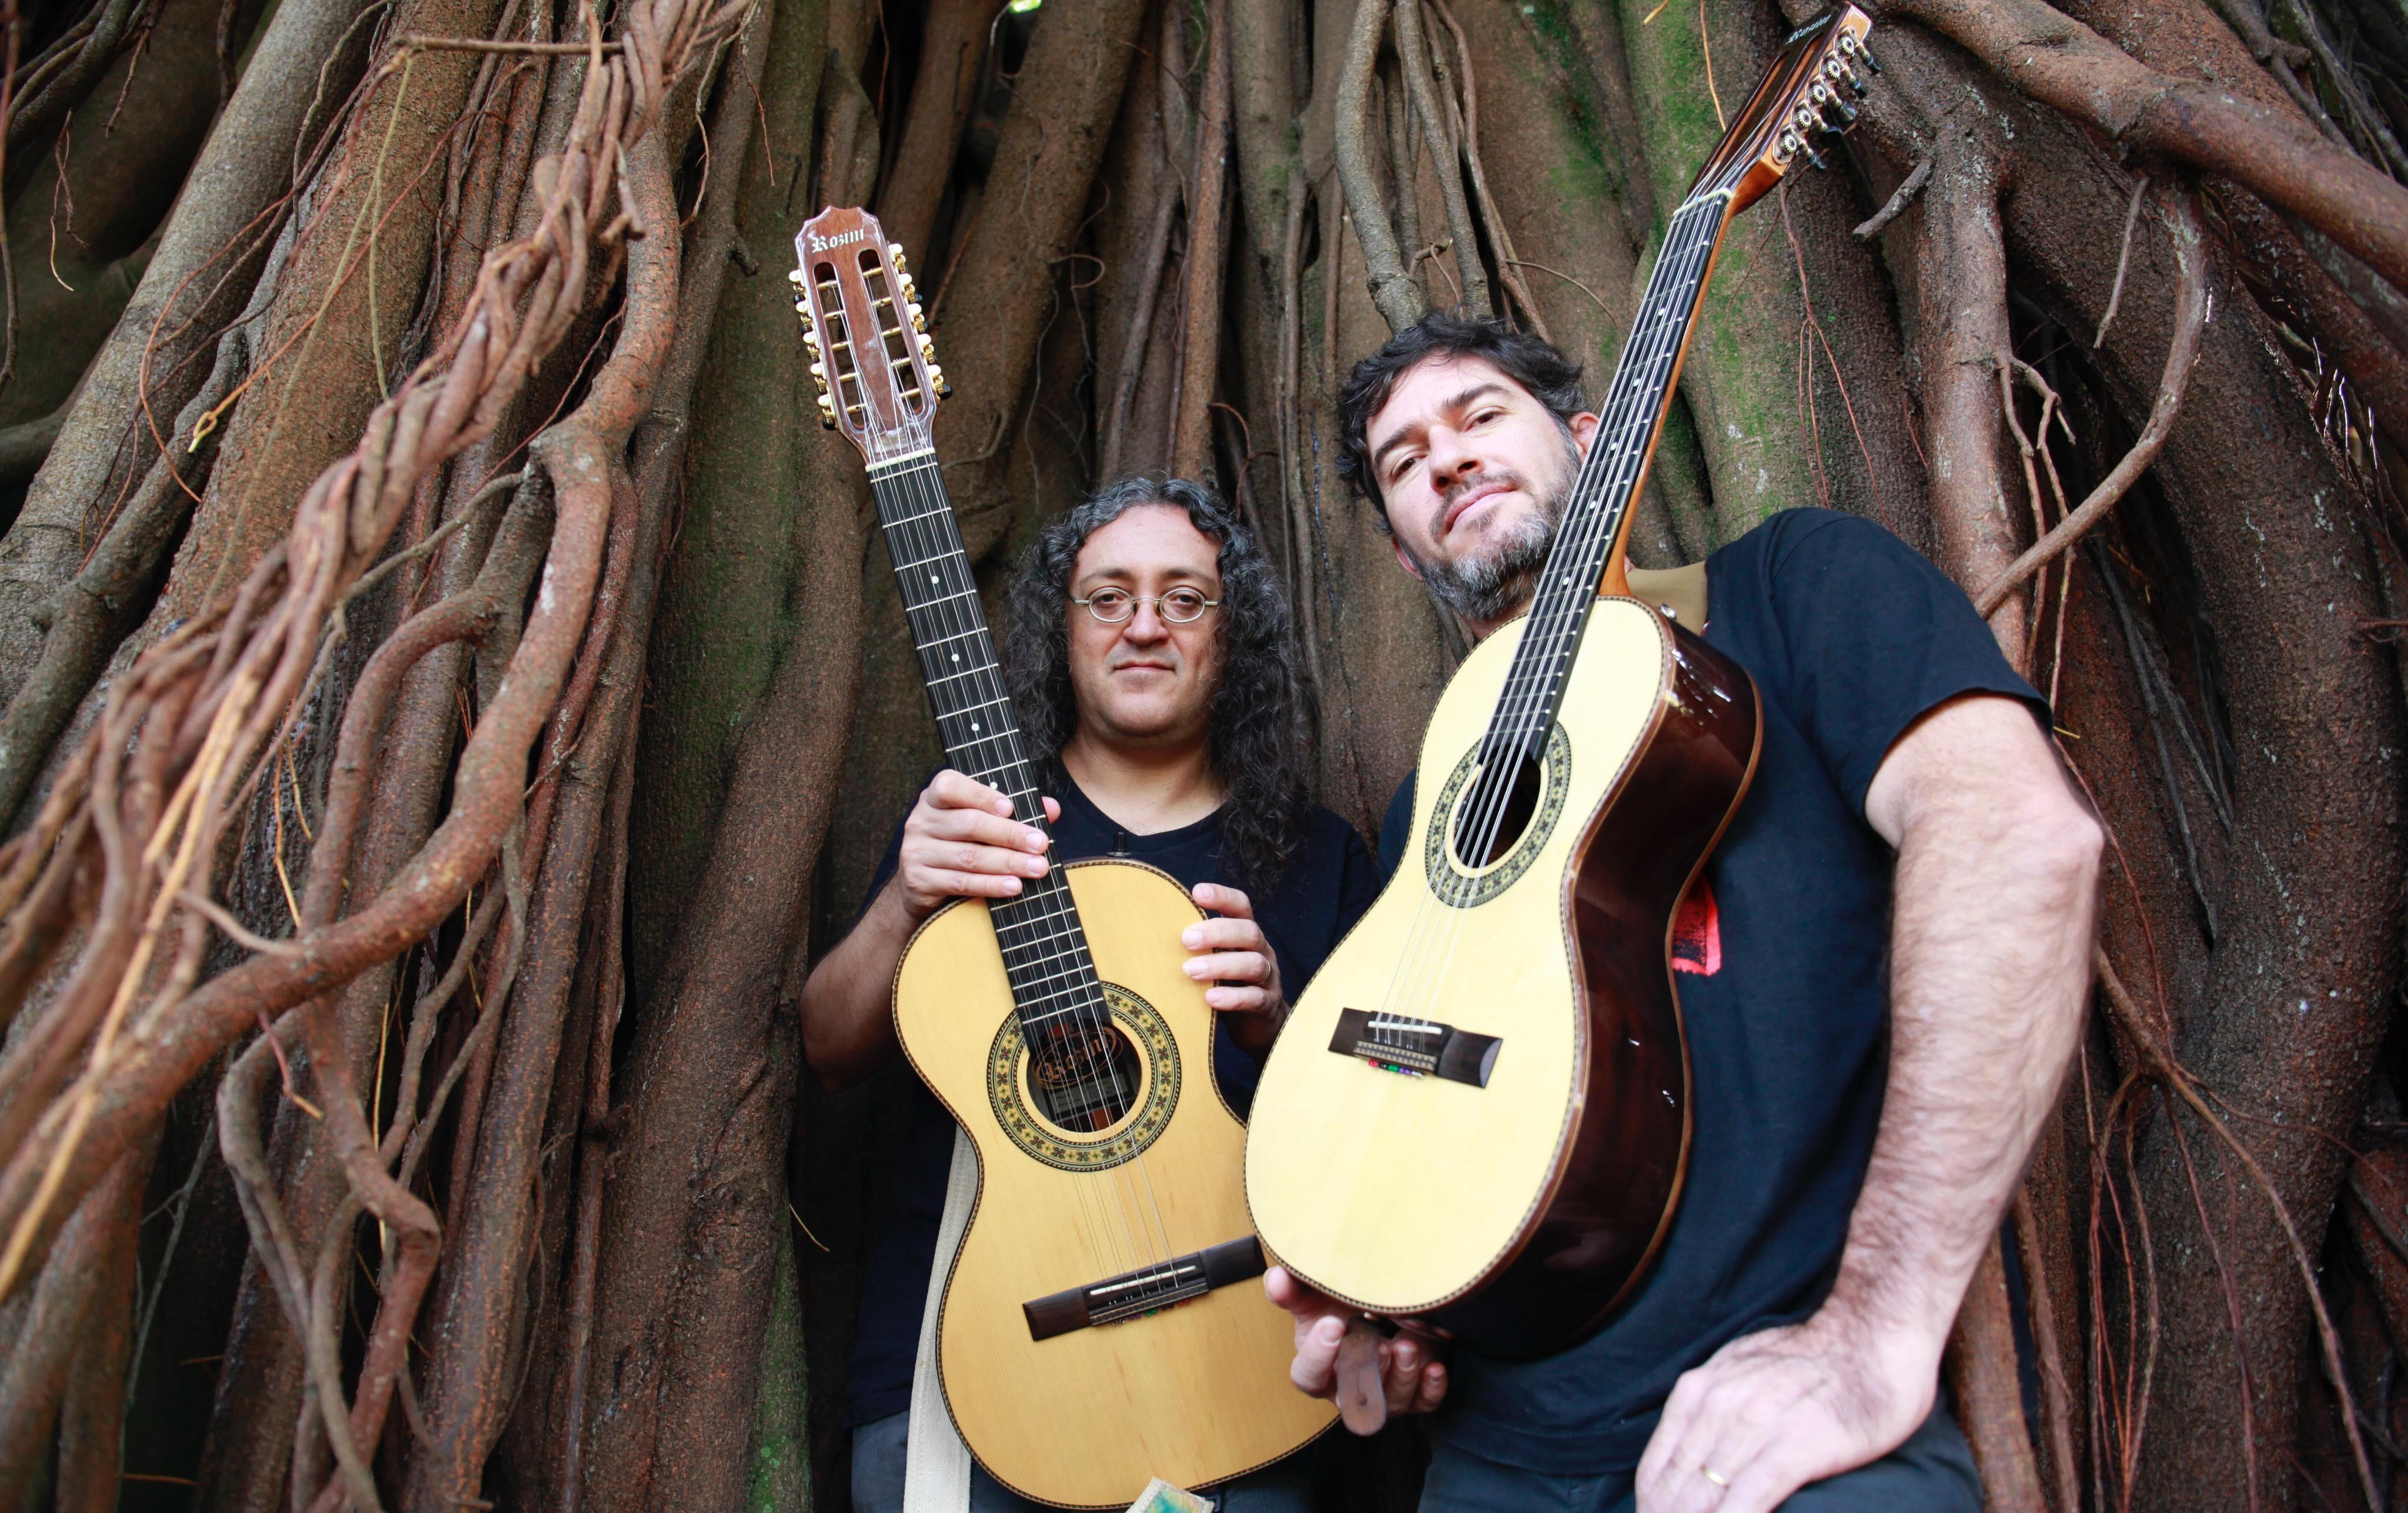 Dupla de violeiros Moda de Rock traz o cancioneiro do Led Zeppelin para o universo caipira do Brasil rural 2